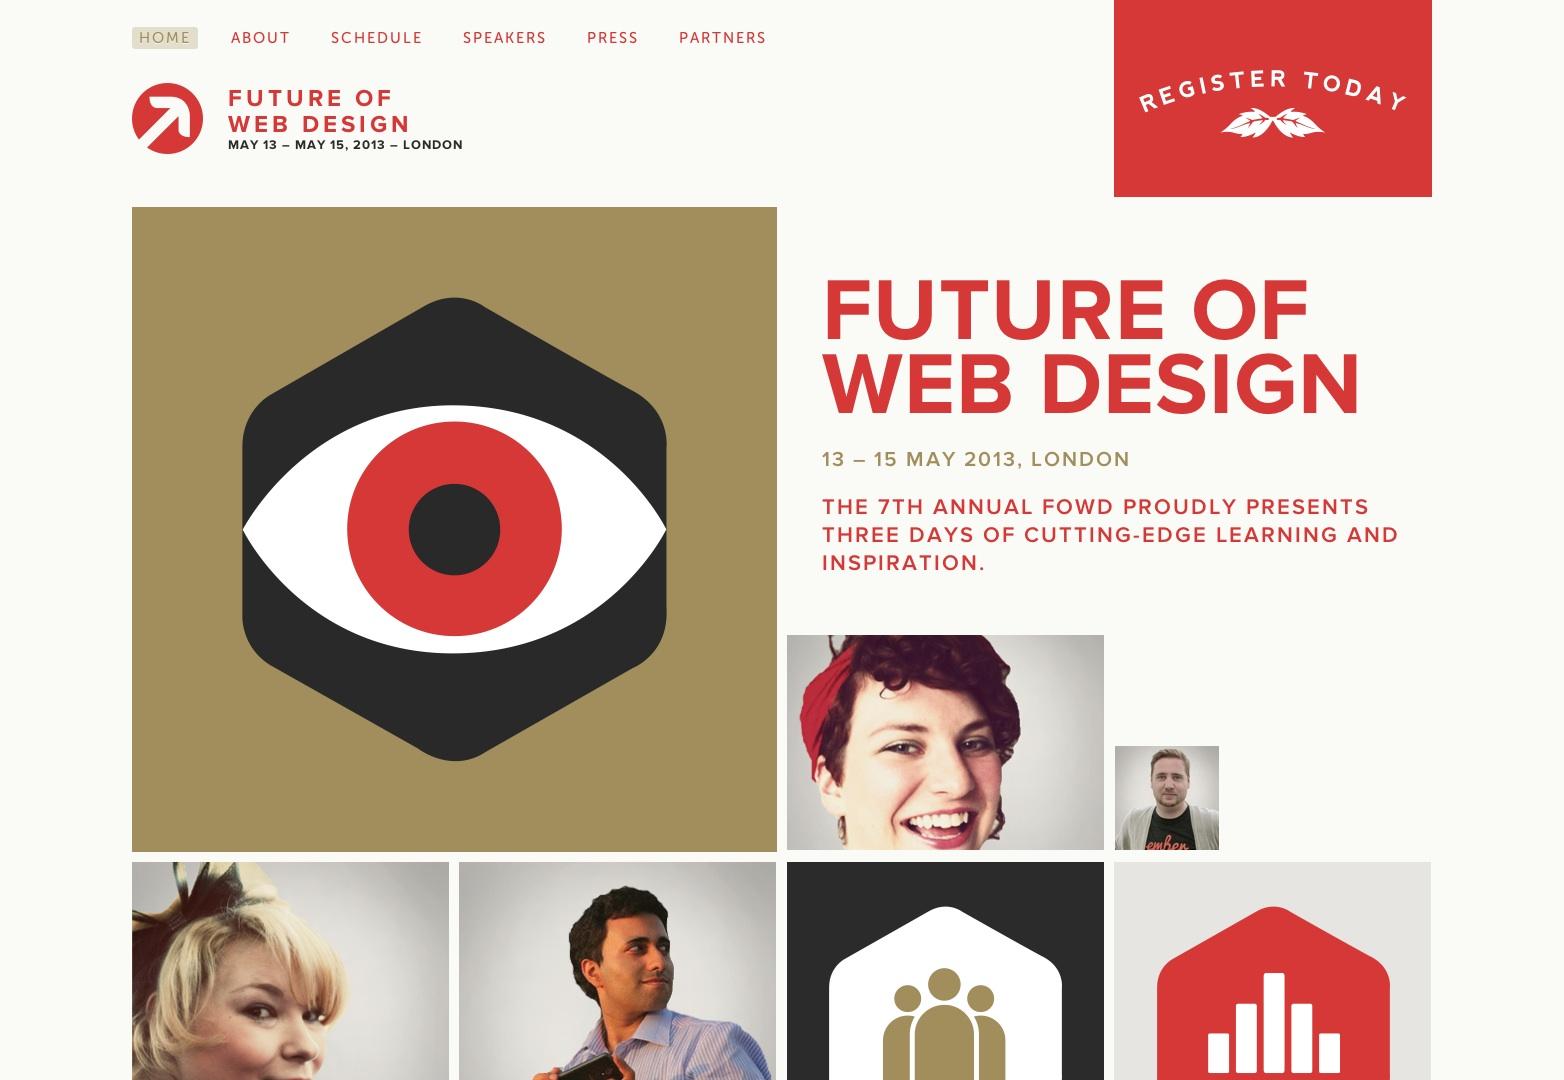 Web-suunnittelun tulevaisuus 2013